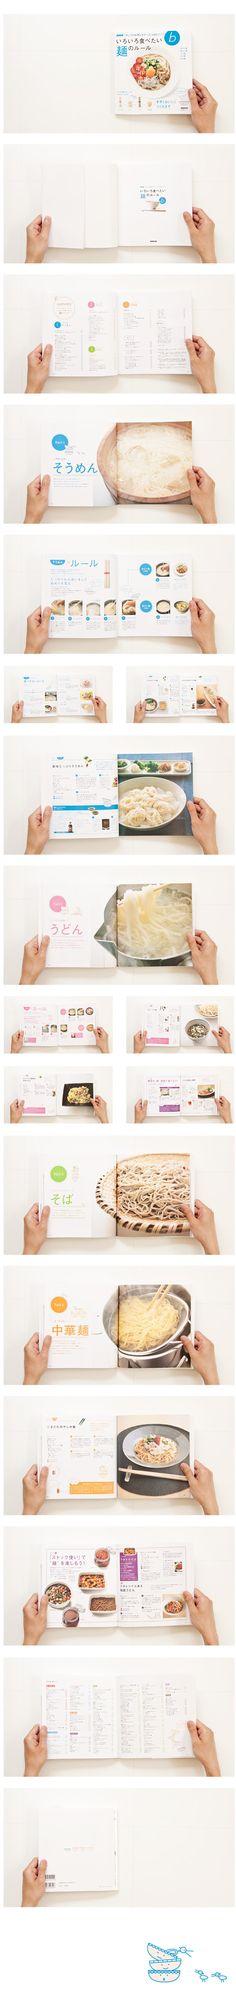 NHK「きょうの料理ビギナーズ」ABCブック いろいろ食べたい 麺のルール |